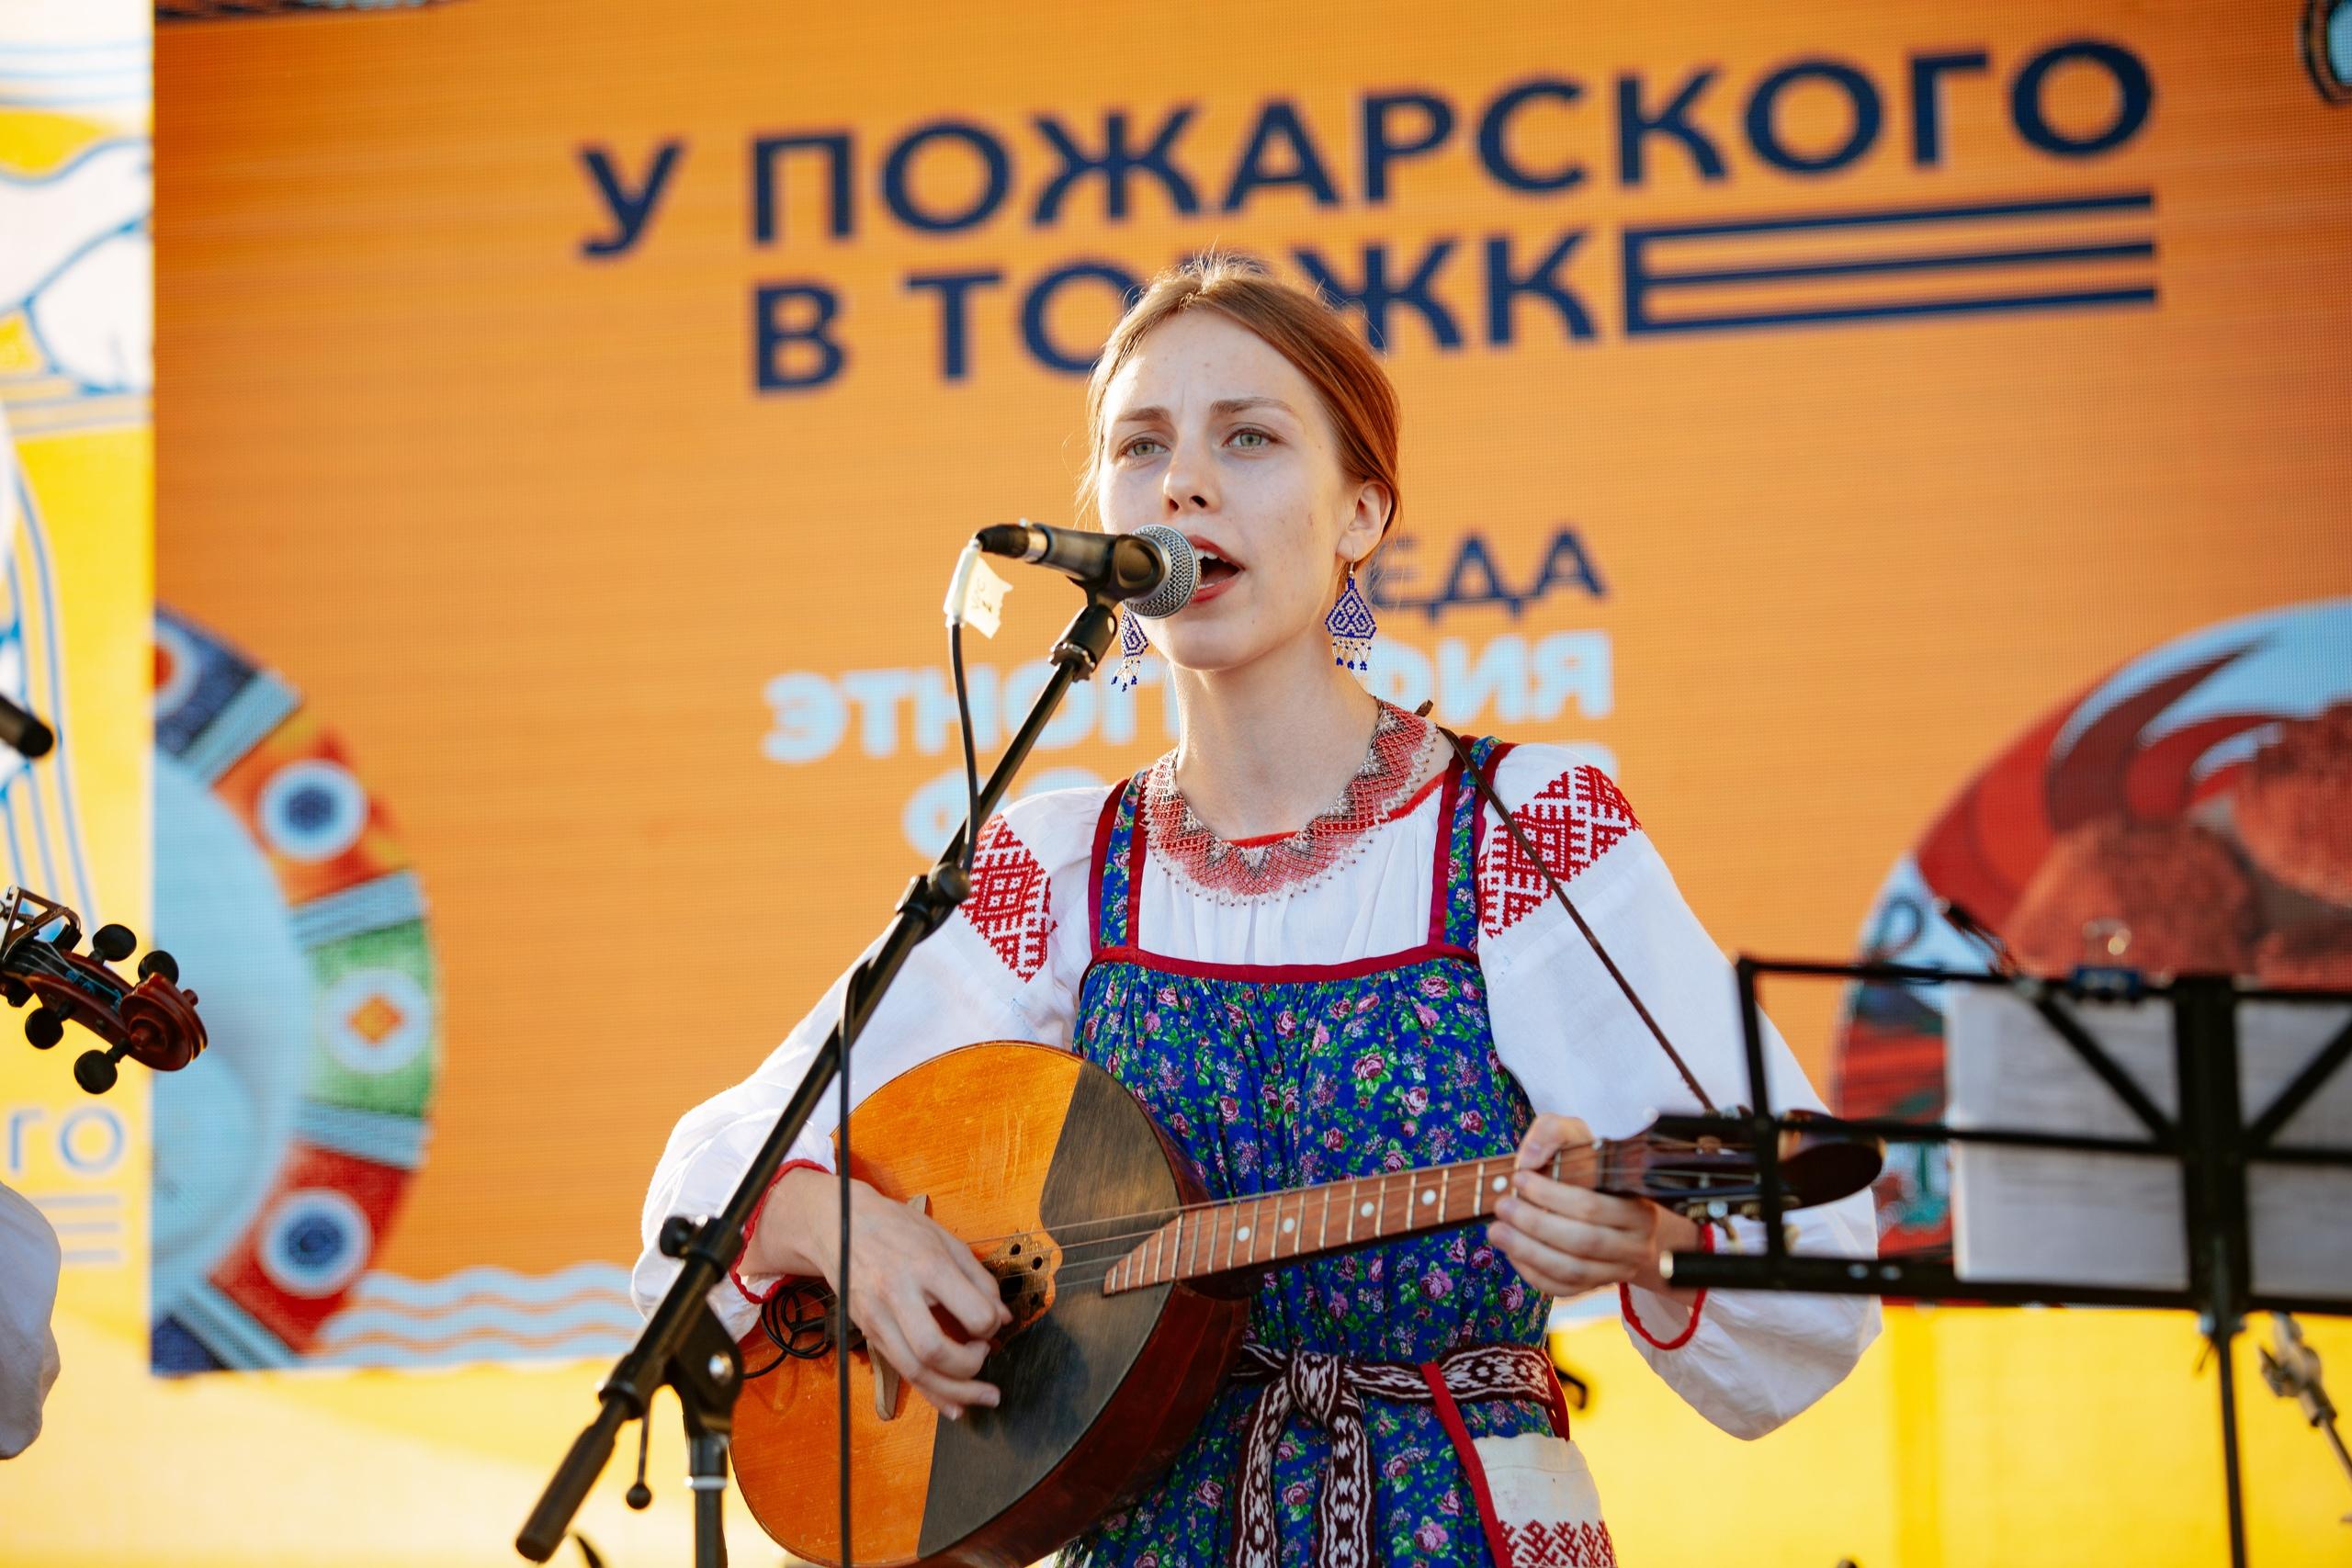 Жителей Тверской области приглашают на городской пикник к Пожарскому в Торжок